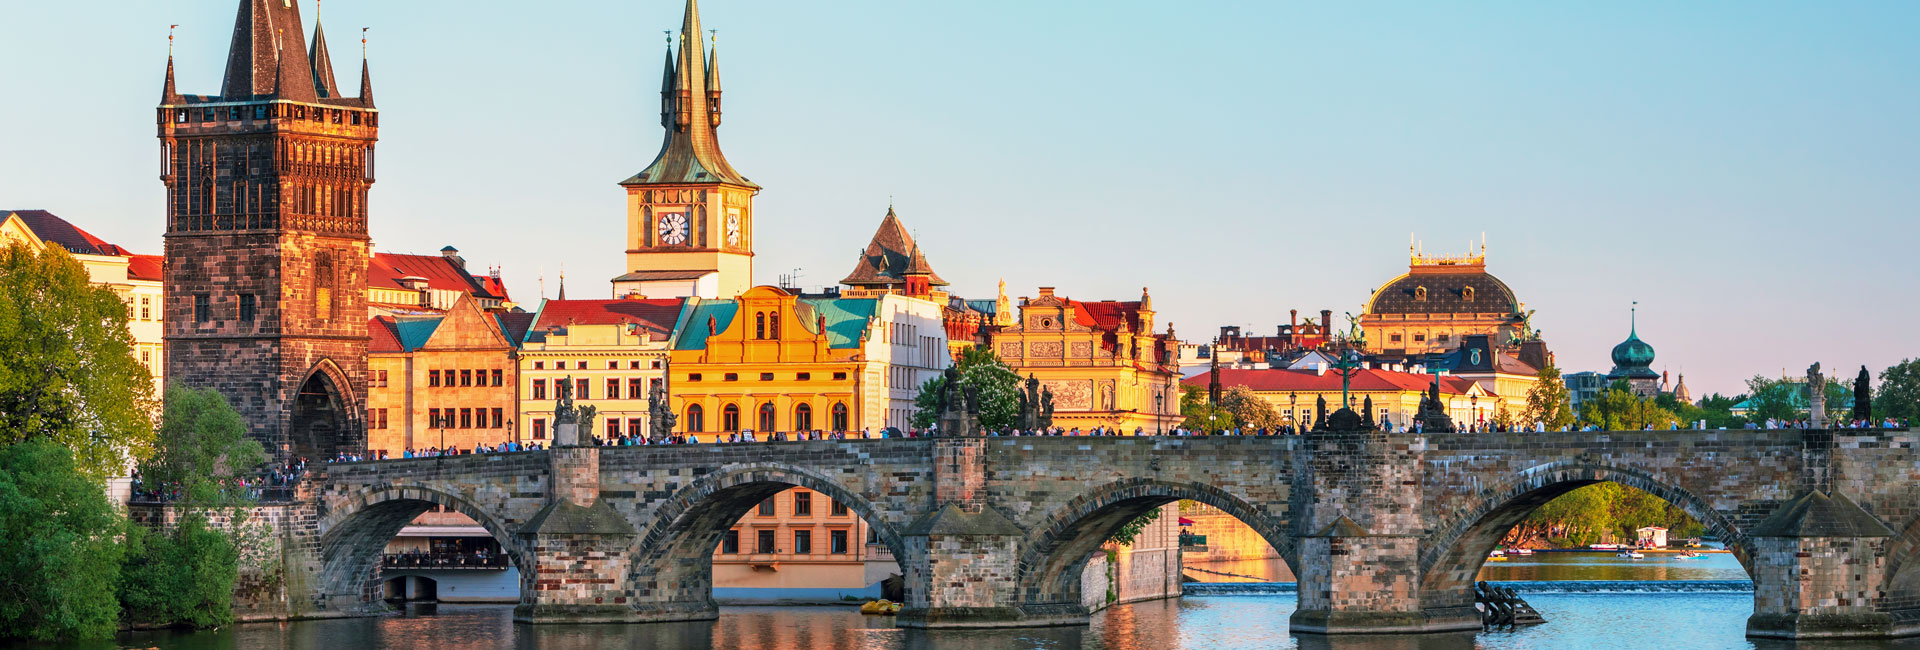 Ansicht Tschechien